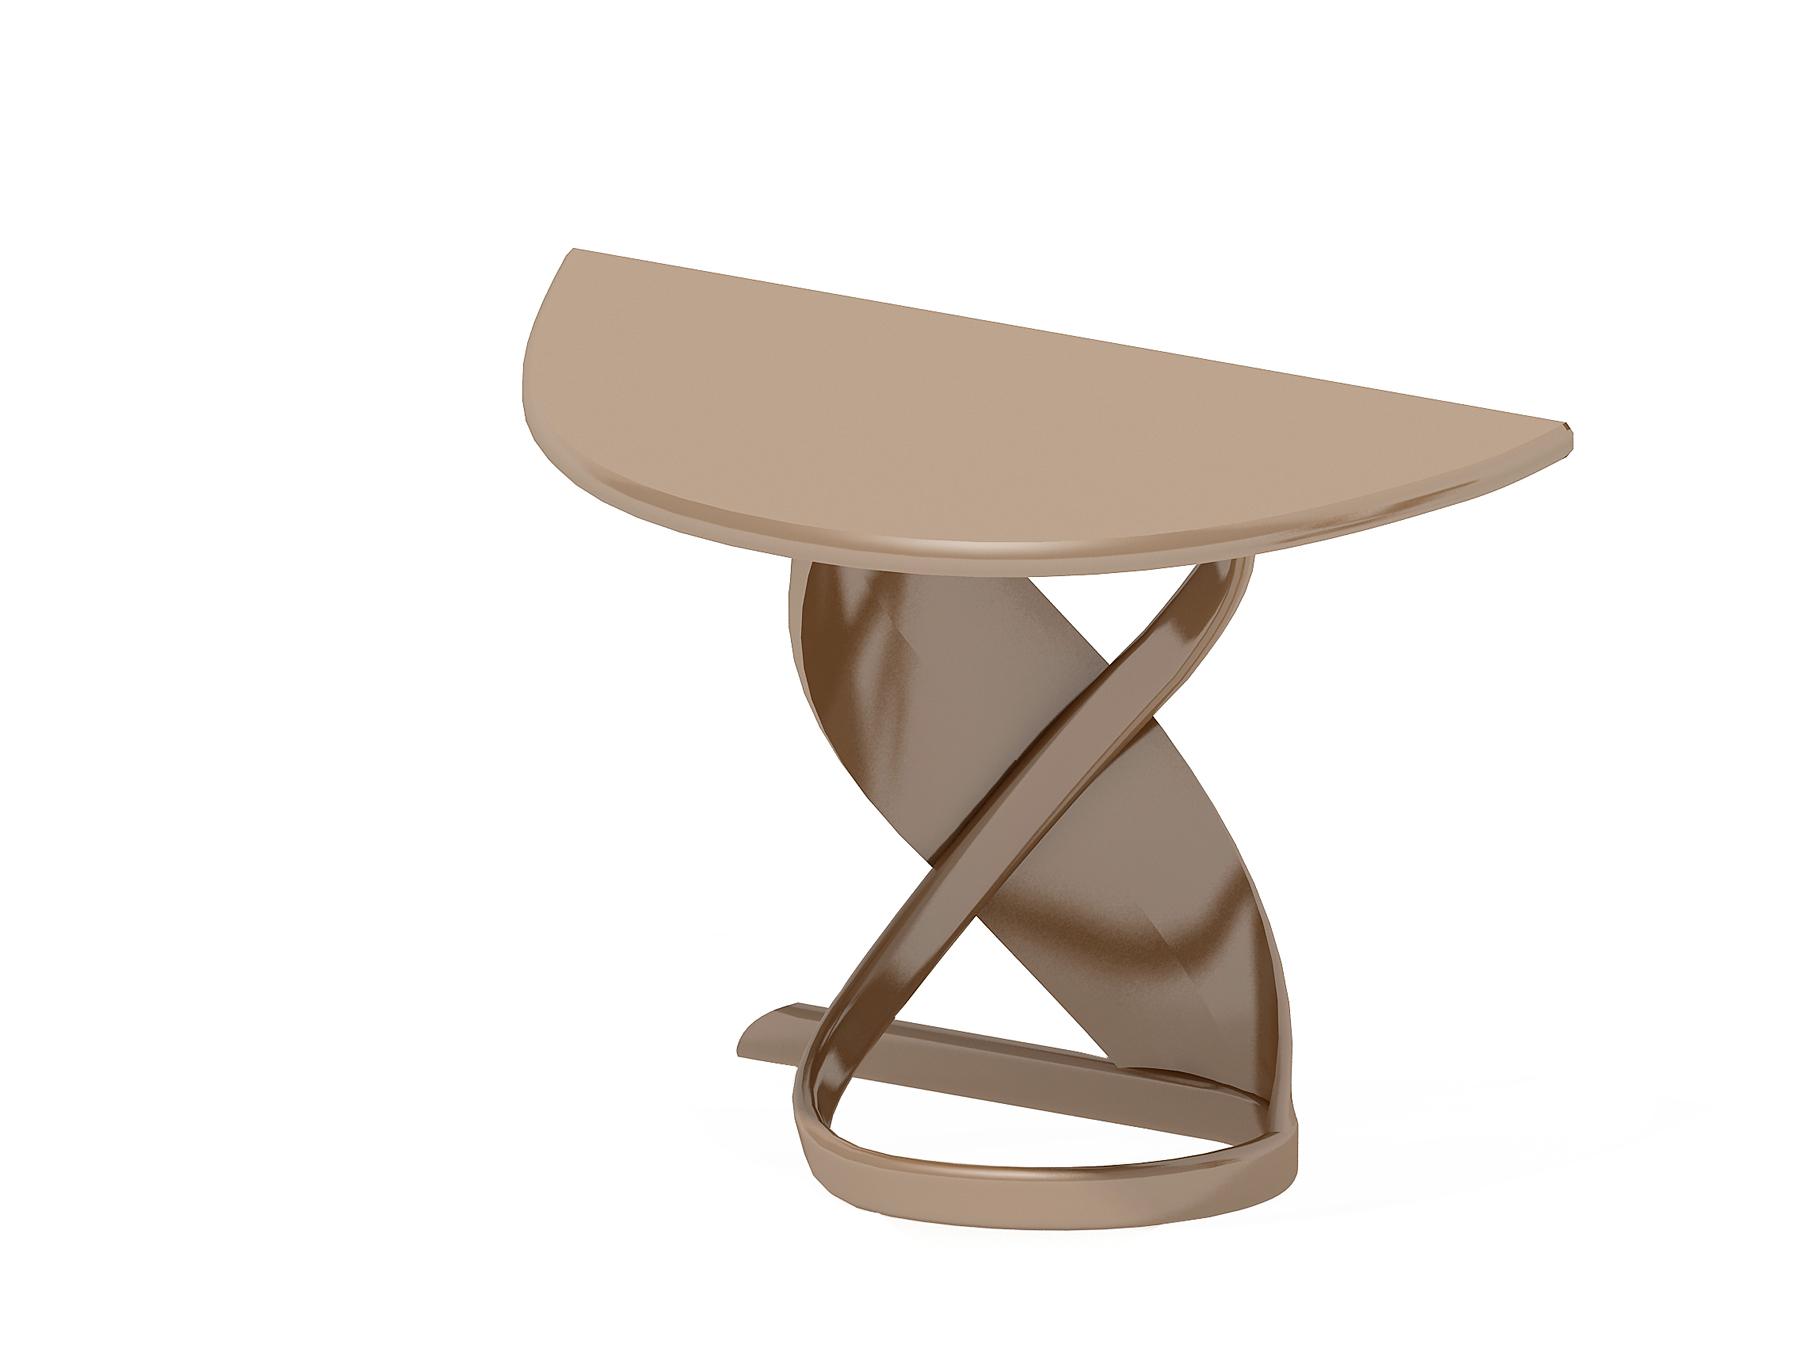 Туалетный столик Virtuos p коричневого цвета